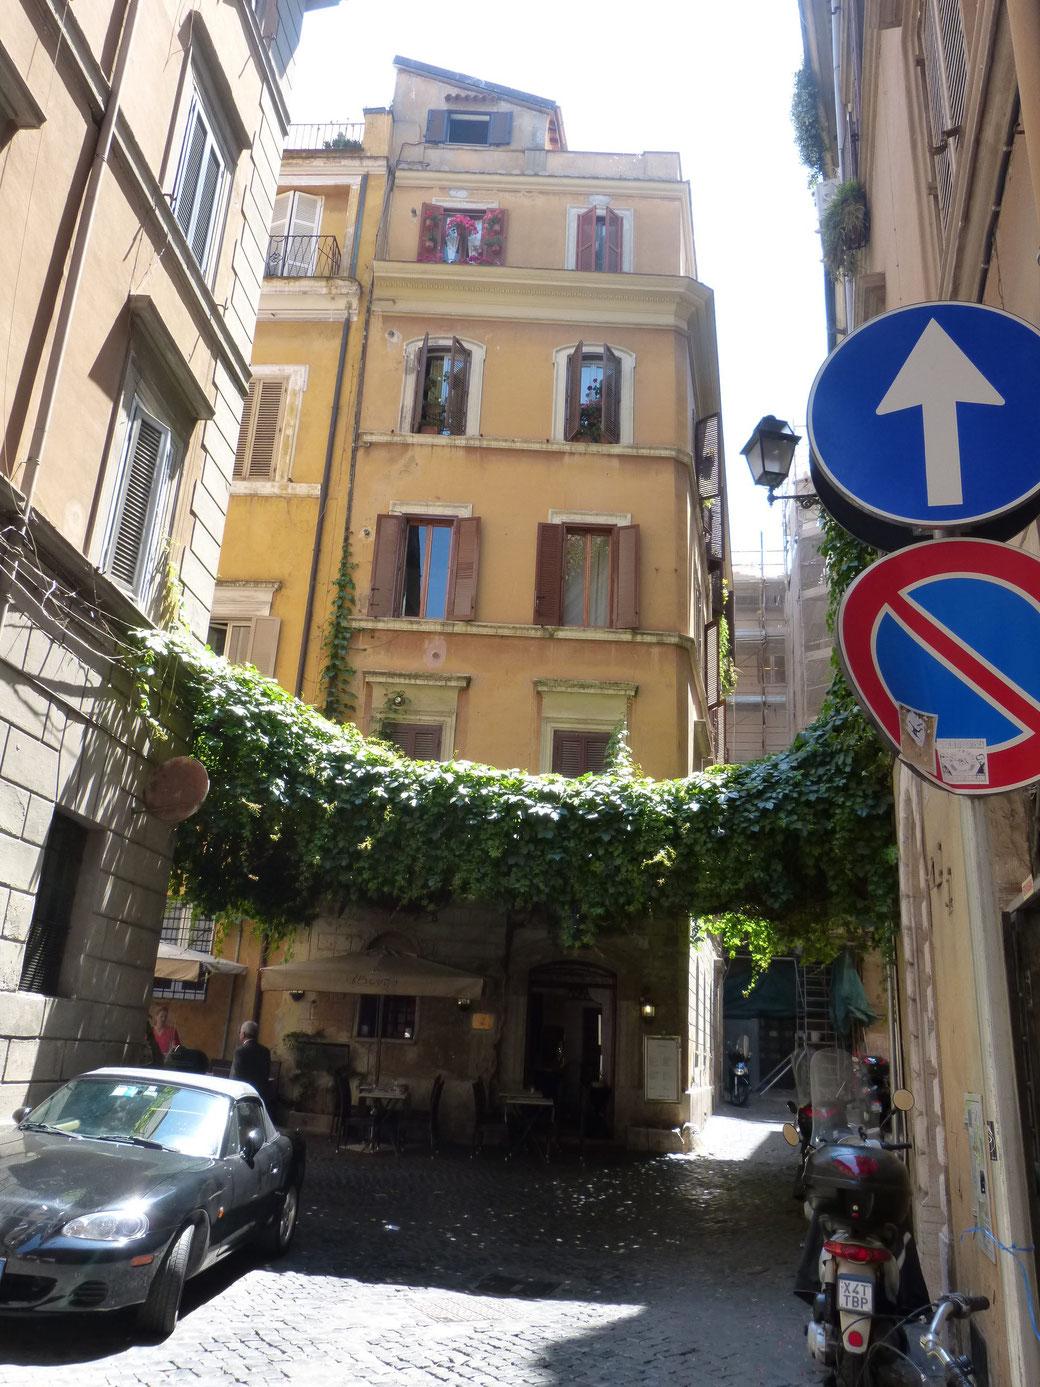 Dieses romantische Efeudach findet Ihr in der Via degli Spagnoli